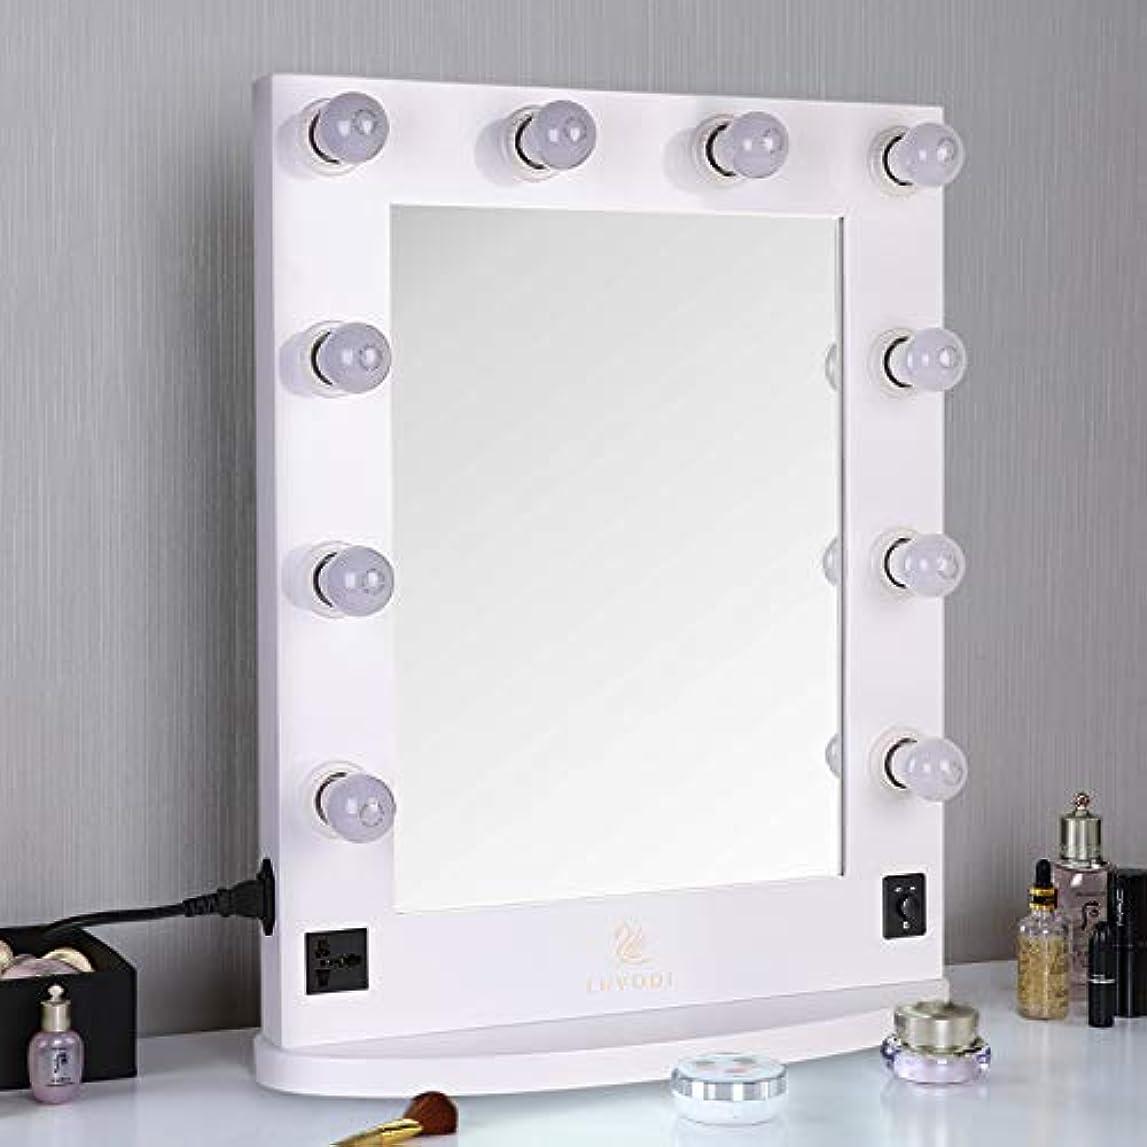 面白い小説家有毒LUVODI ハリウッドミラー 化粧鏡 化粧ミラー 女優ミラー led ライト付き 卓上鏡 スタンド 卓上/壁掛け 鏡 2Way 大型 木製 明るさ調節可能(白)